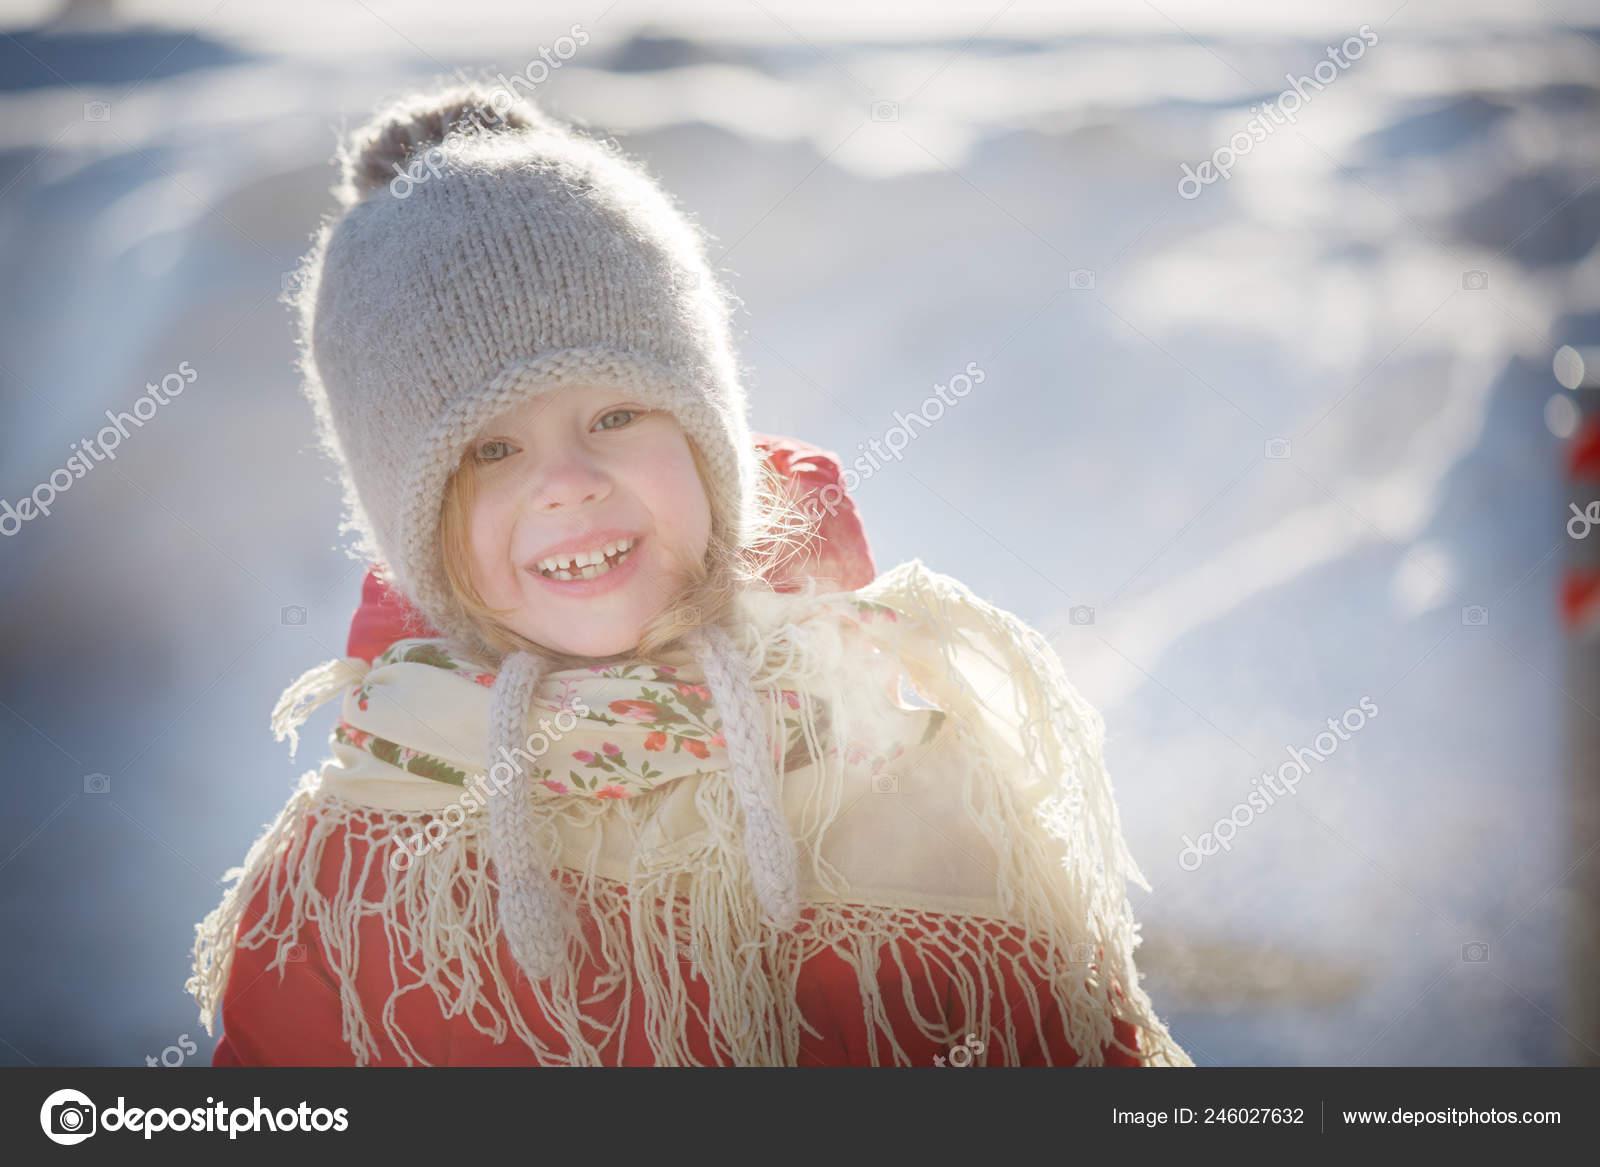 жизнерадостная девочка вязаная шапка красный пальто красивый платок